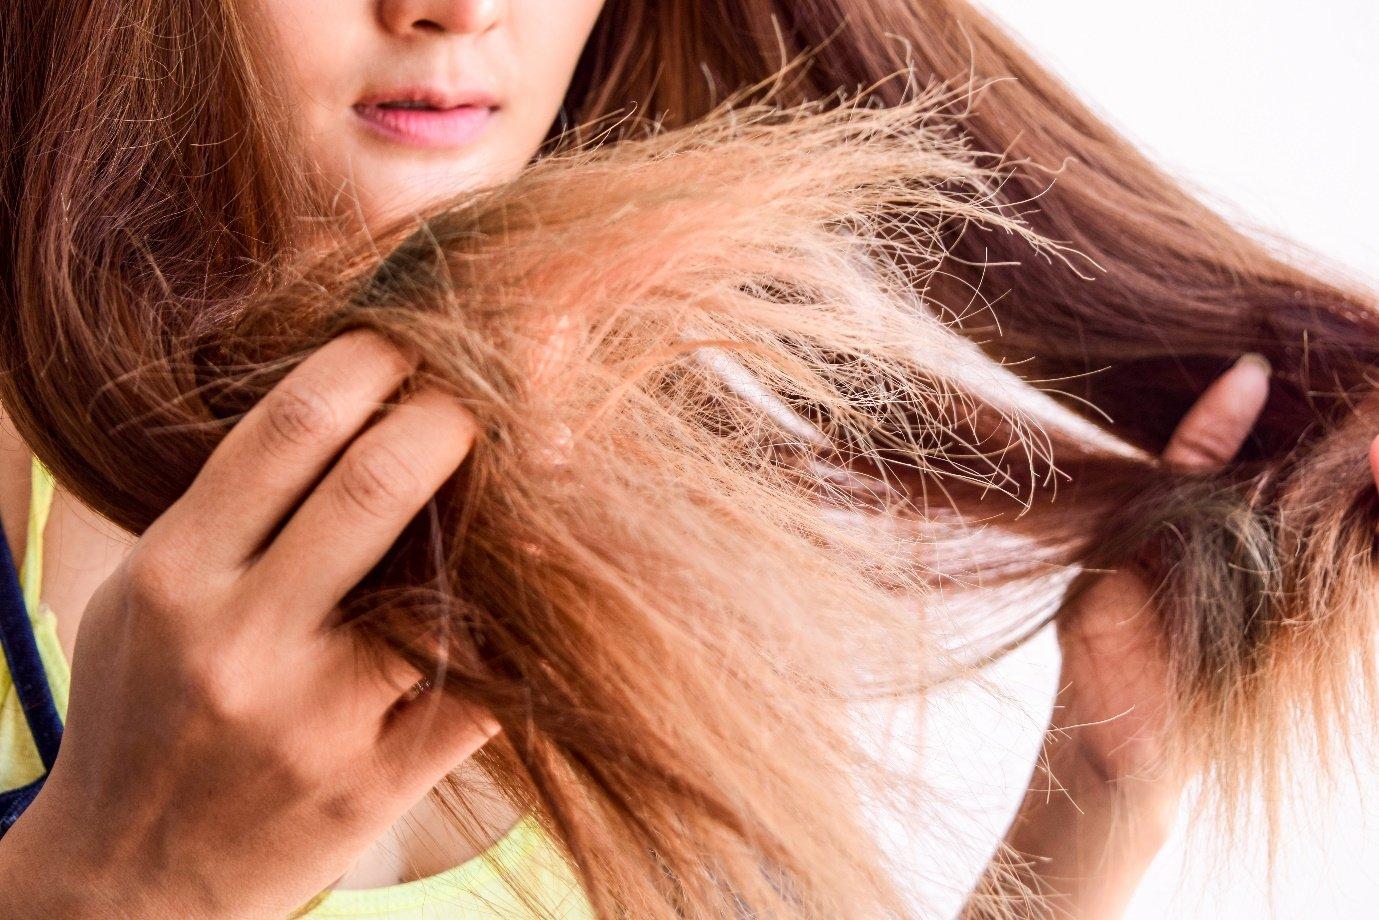 Açık Renkli Saçların Bakımı Nasıl Yapılmalı?